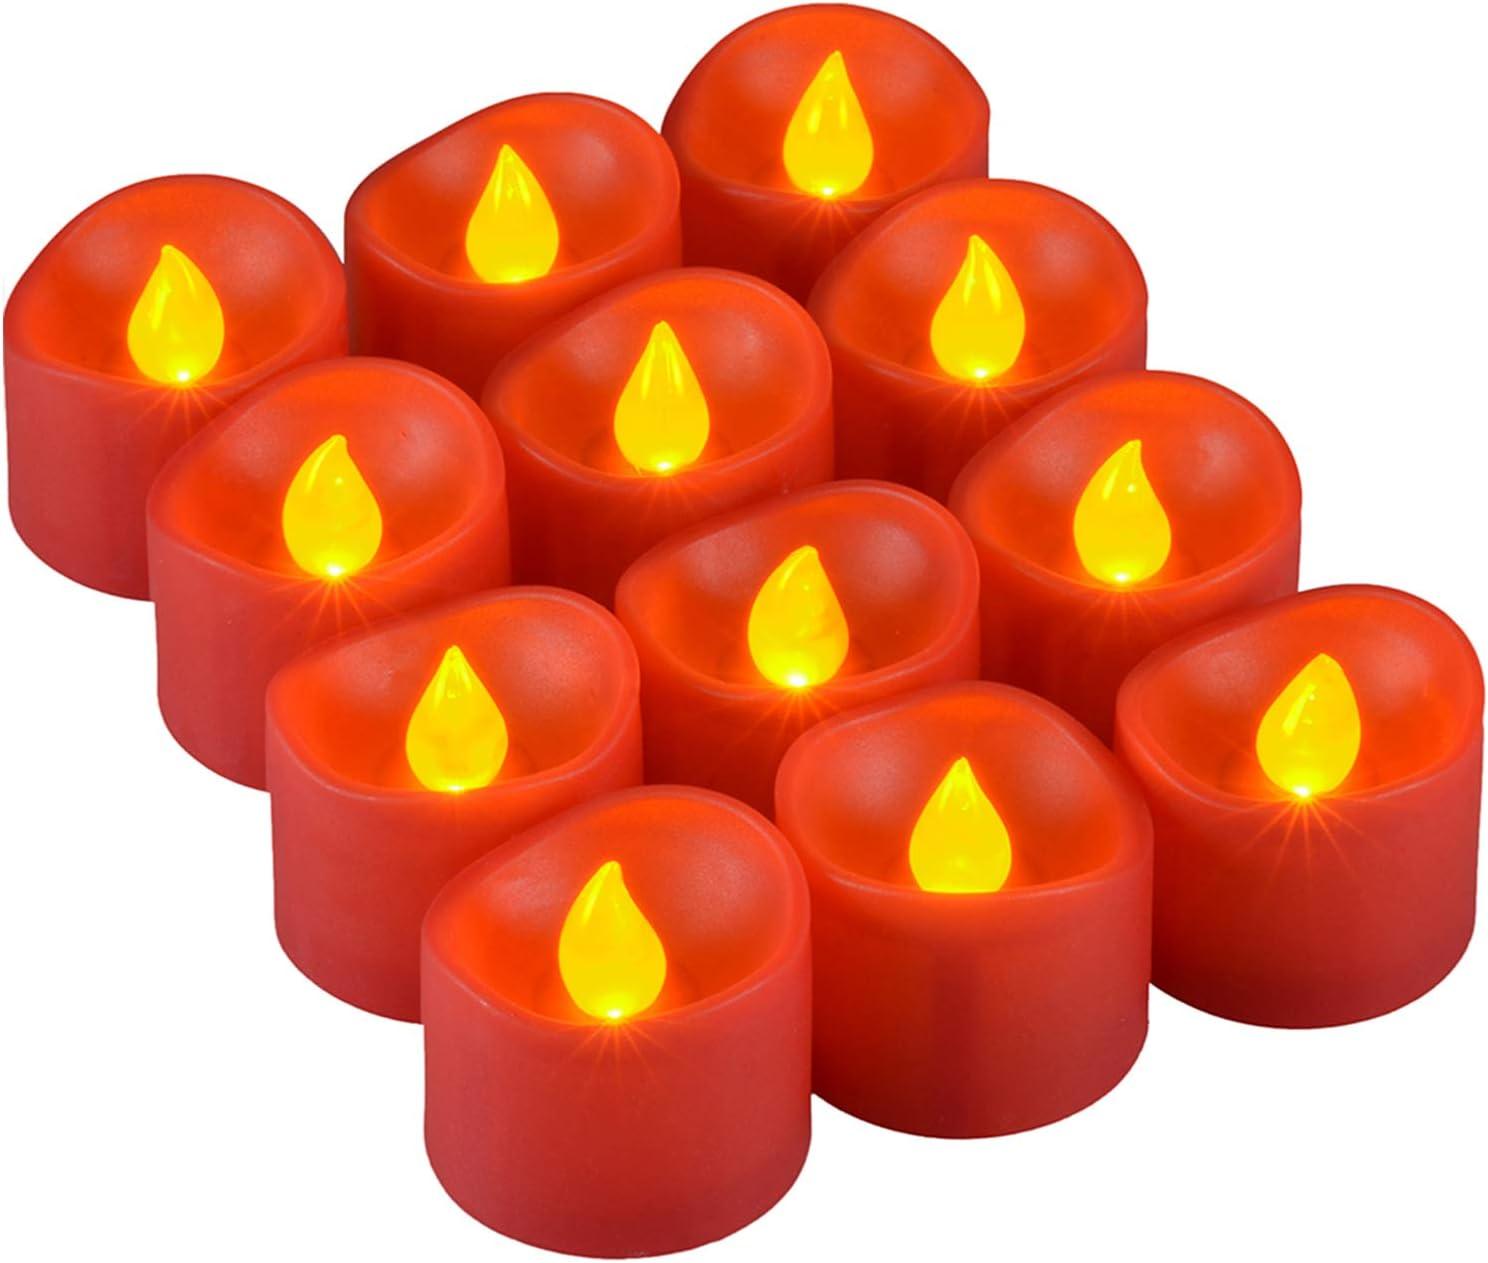 PChero Juego de 12 Luces de t/é Parpadeantes Sin Llama Vela Votiva a Pilas para Interior Hogar Boda Halloween Festival de Navidad Decoraci/ón de Fiesta Velas LED Rojas Amarillo /Ámbar